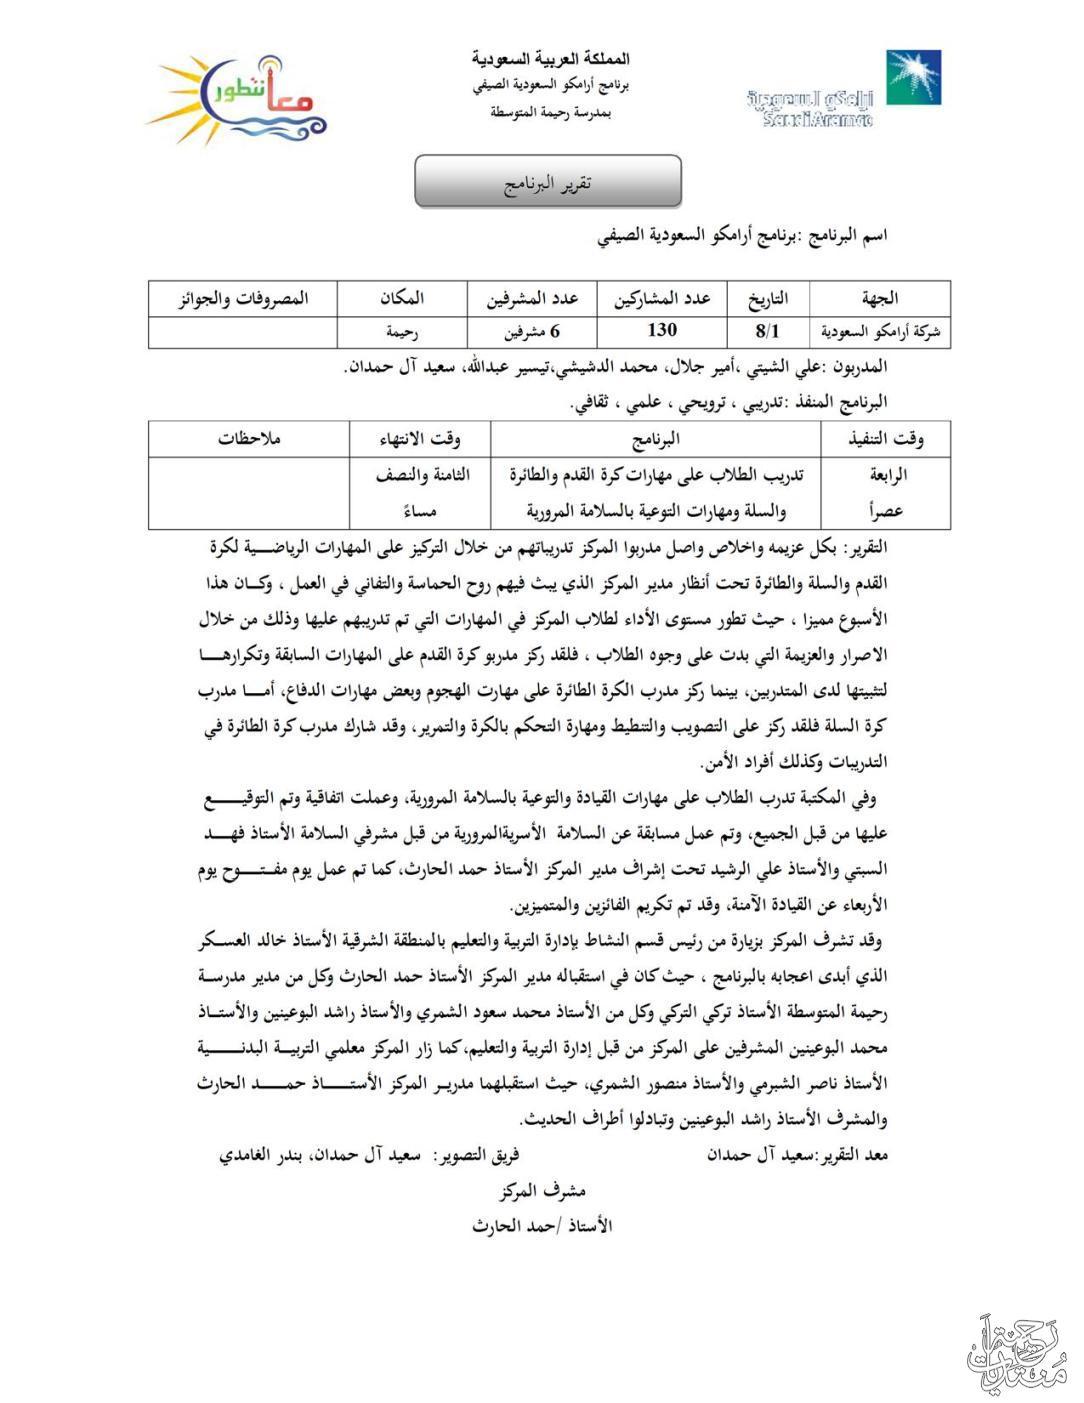 تقرير مصور برنامج أرامكو السعودية الصيفي منتديات رحيمة